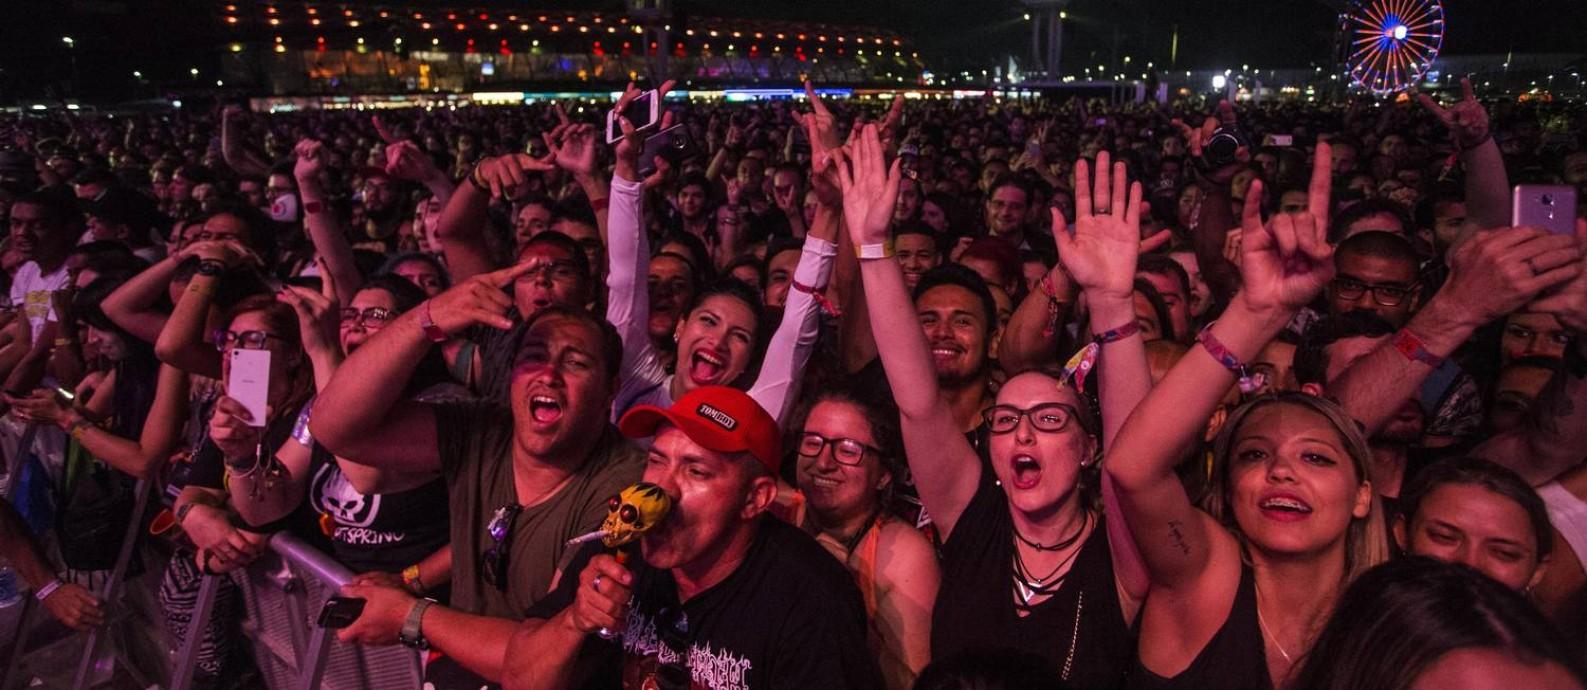 Público durante show do Offspring, no último dia do Rock in Rio 2017 Foto: Guito Moreto / O Globo